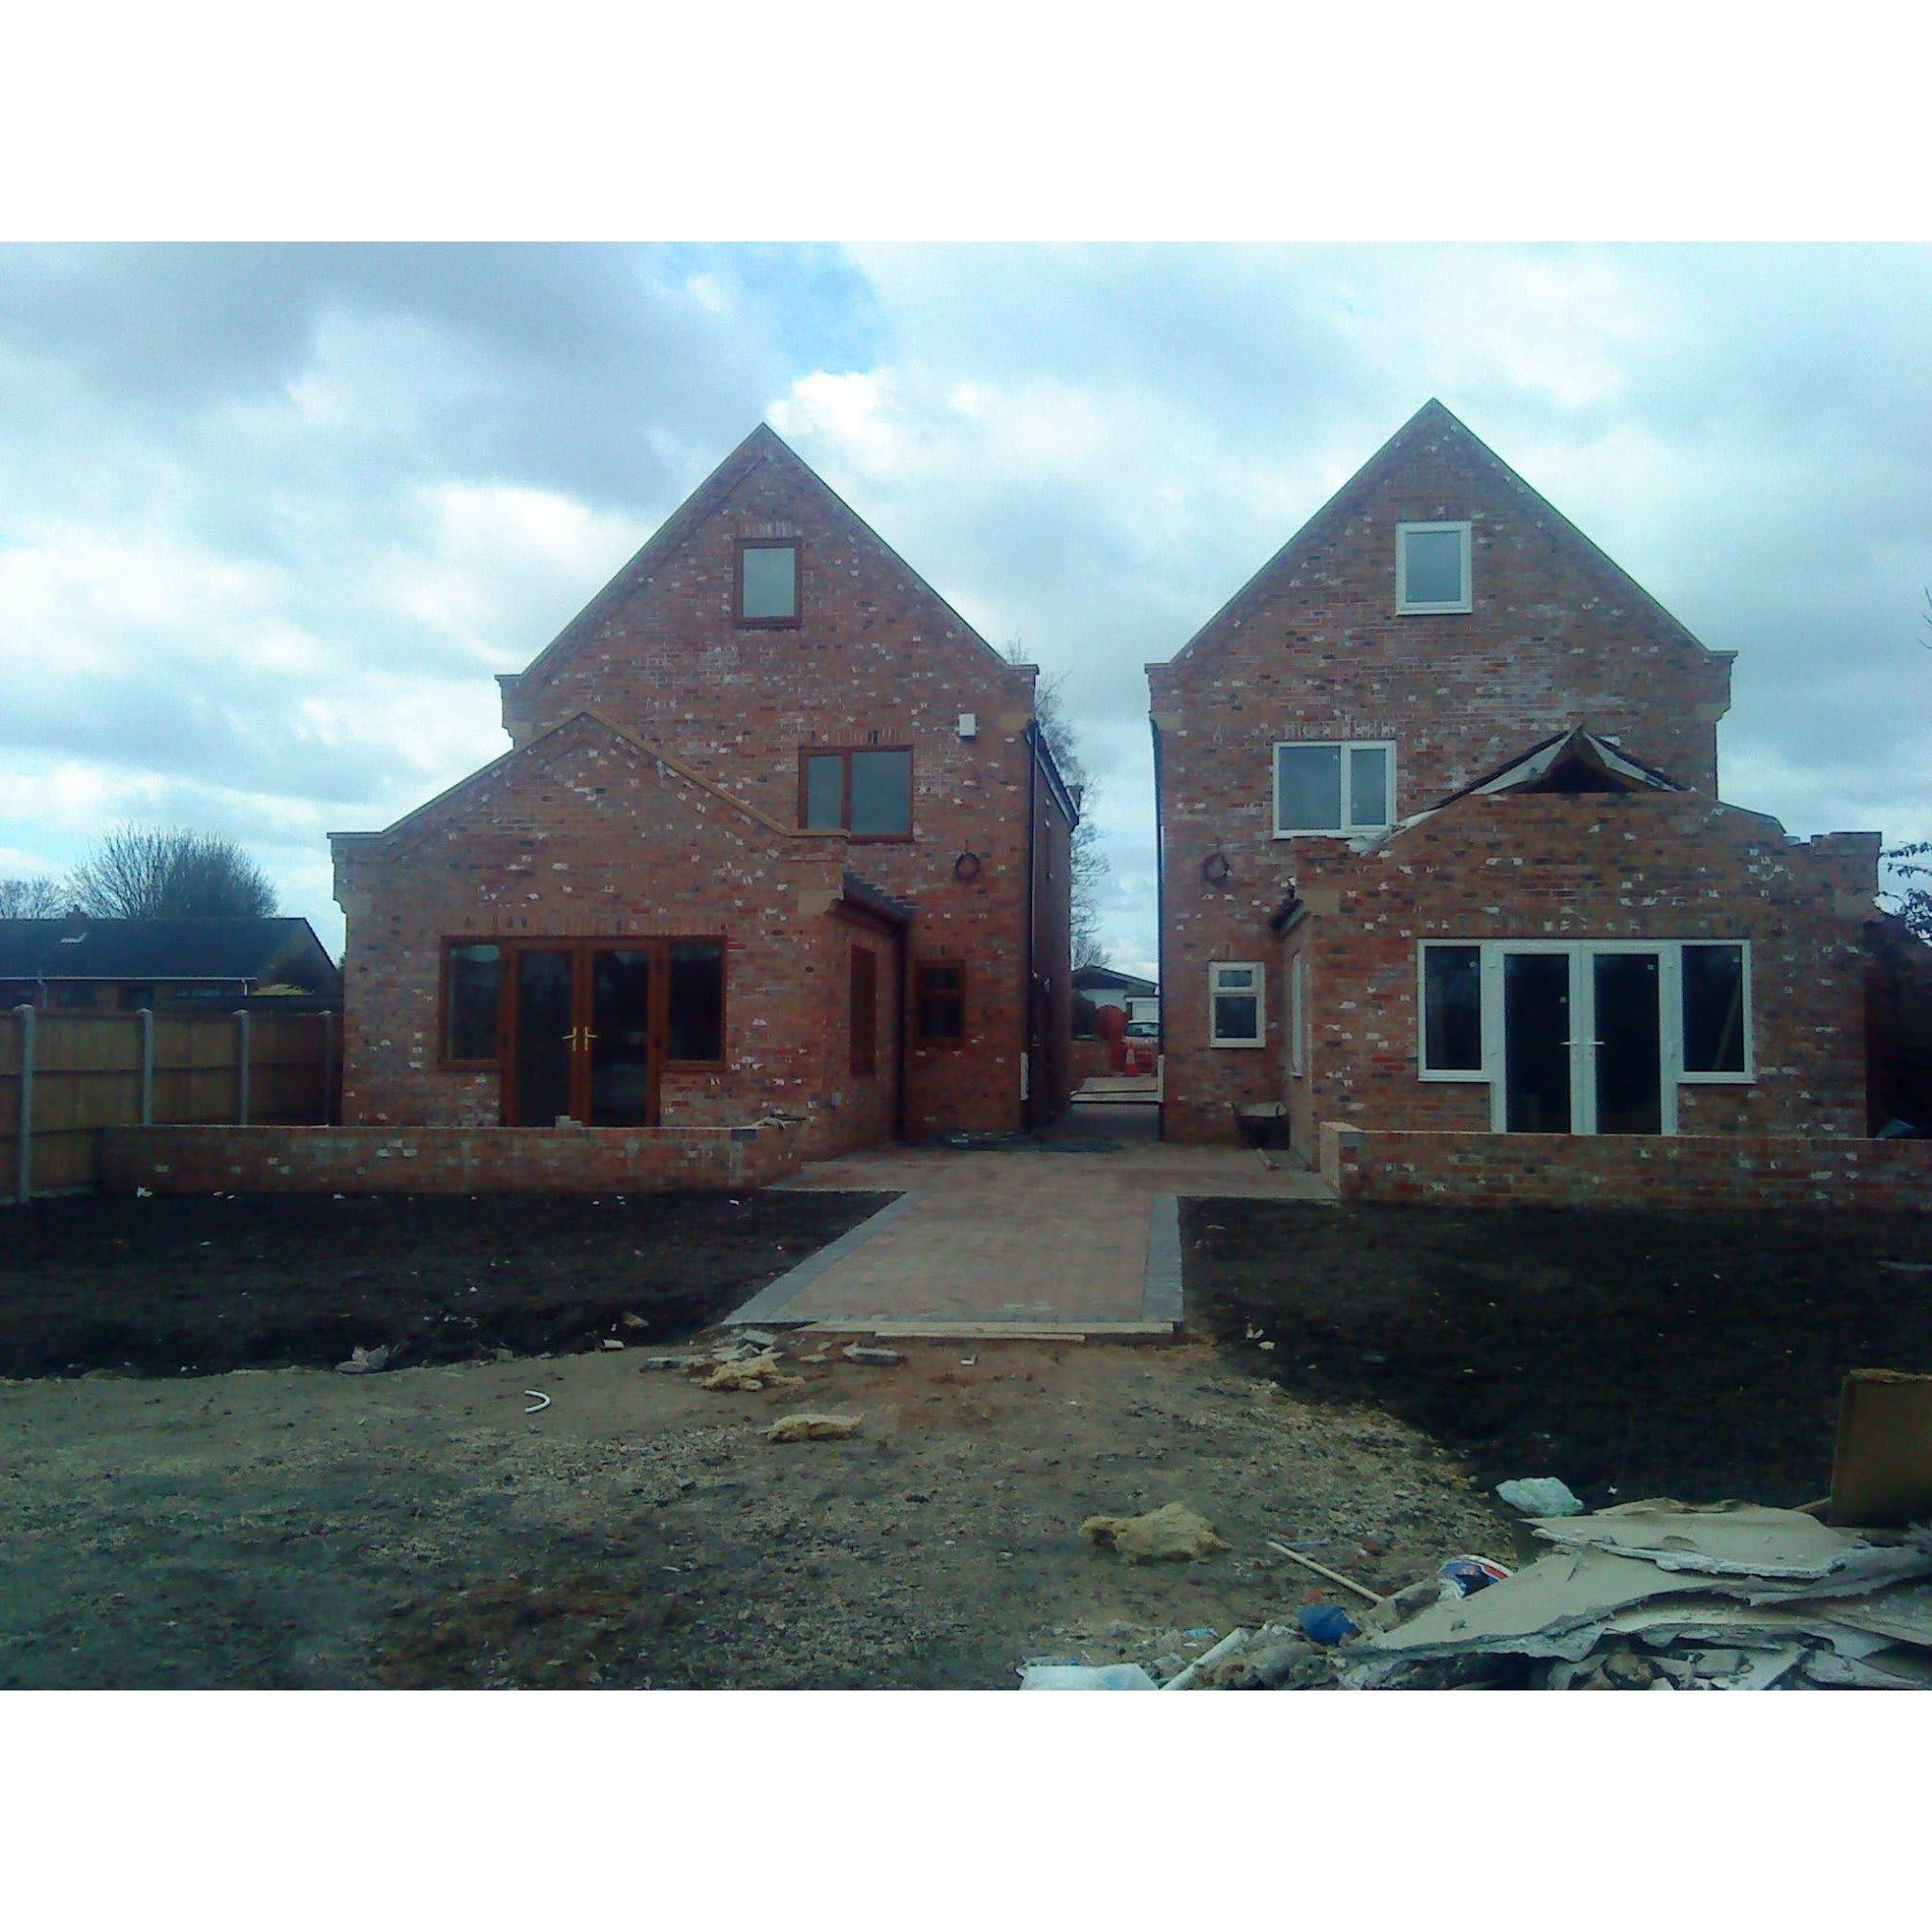 D E P Property Services Ltd